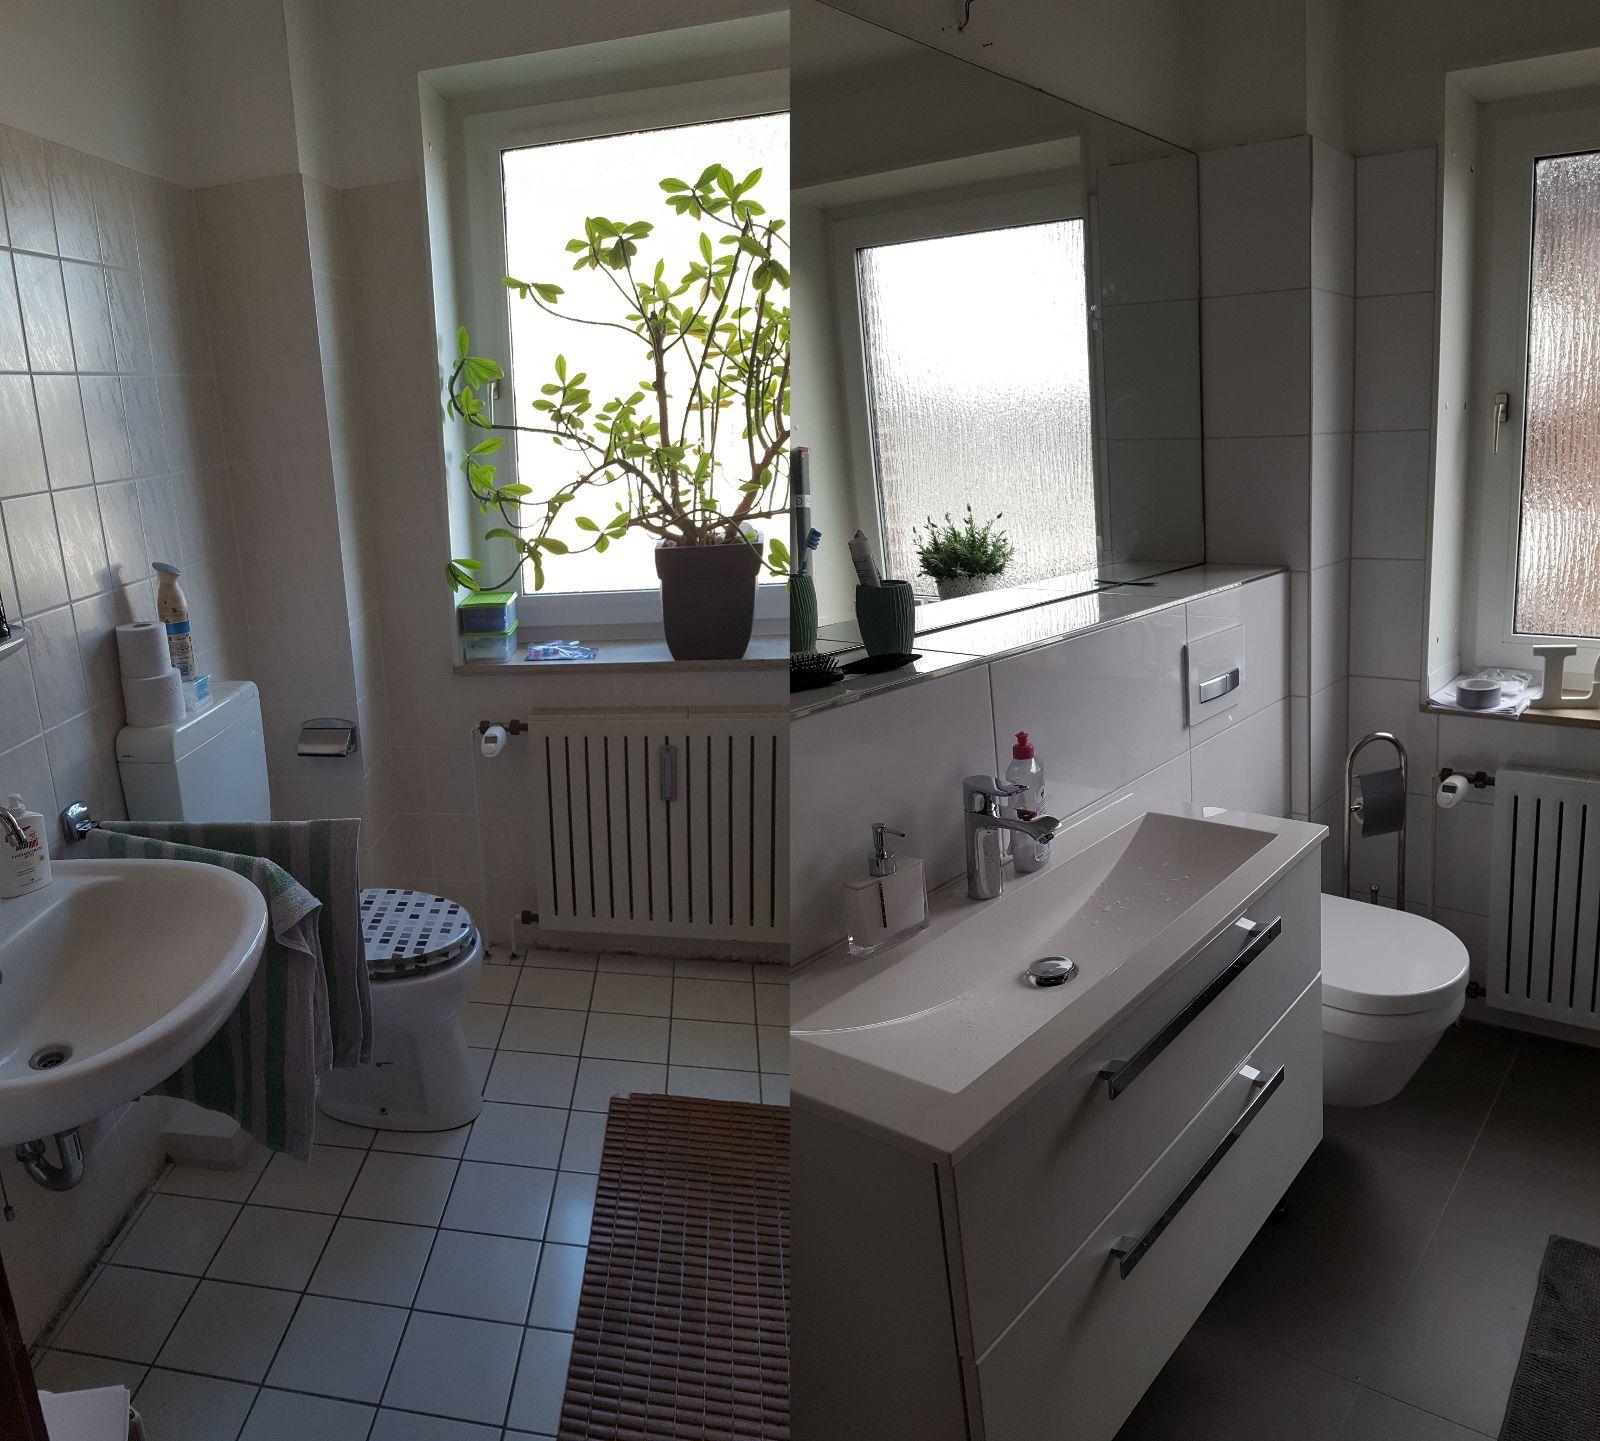 Vorher Nachher   Renovierung Meines Bathroom / Badezimmer. Dunkle  Bodenfliesen Und Helle Wandfliesen